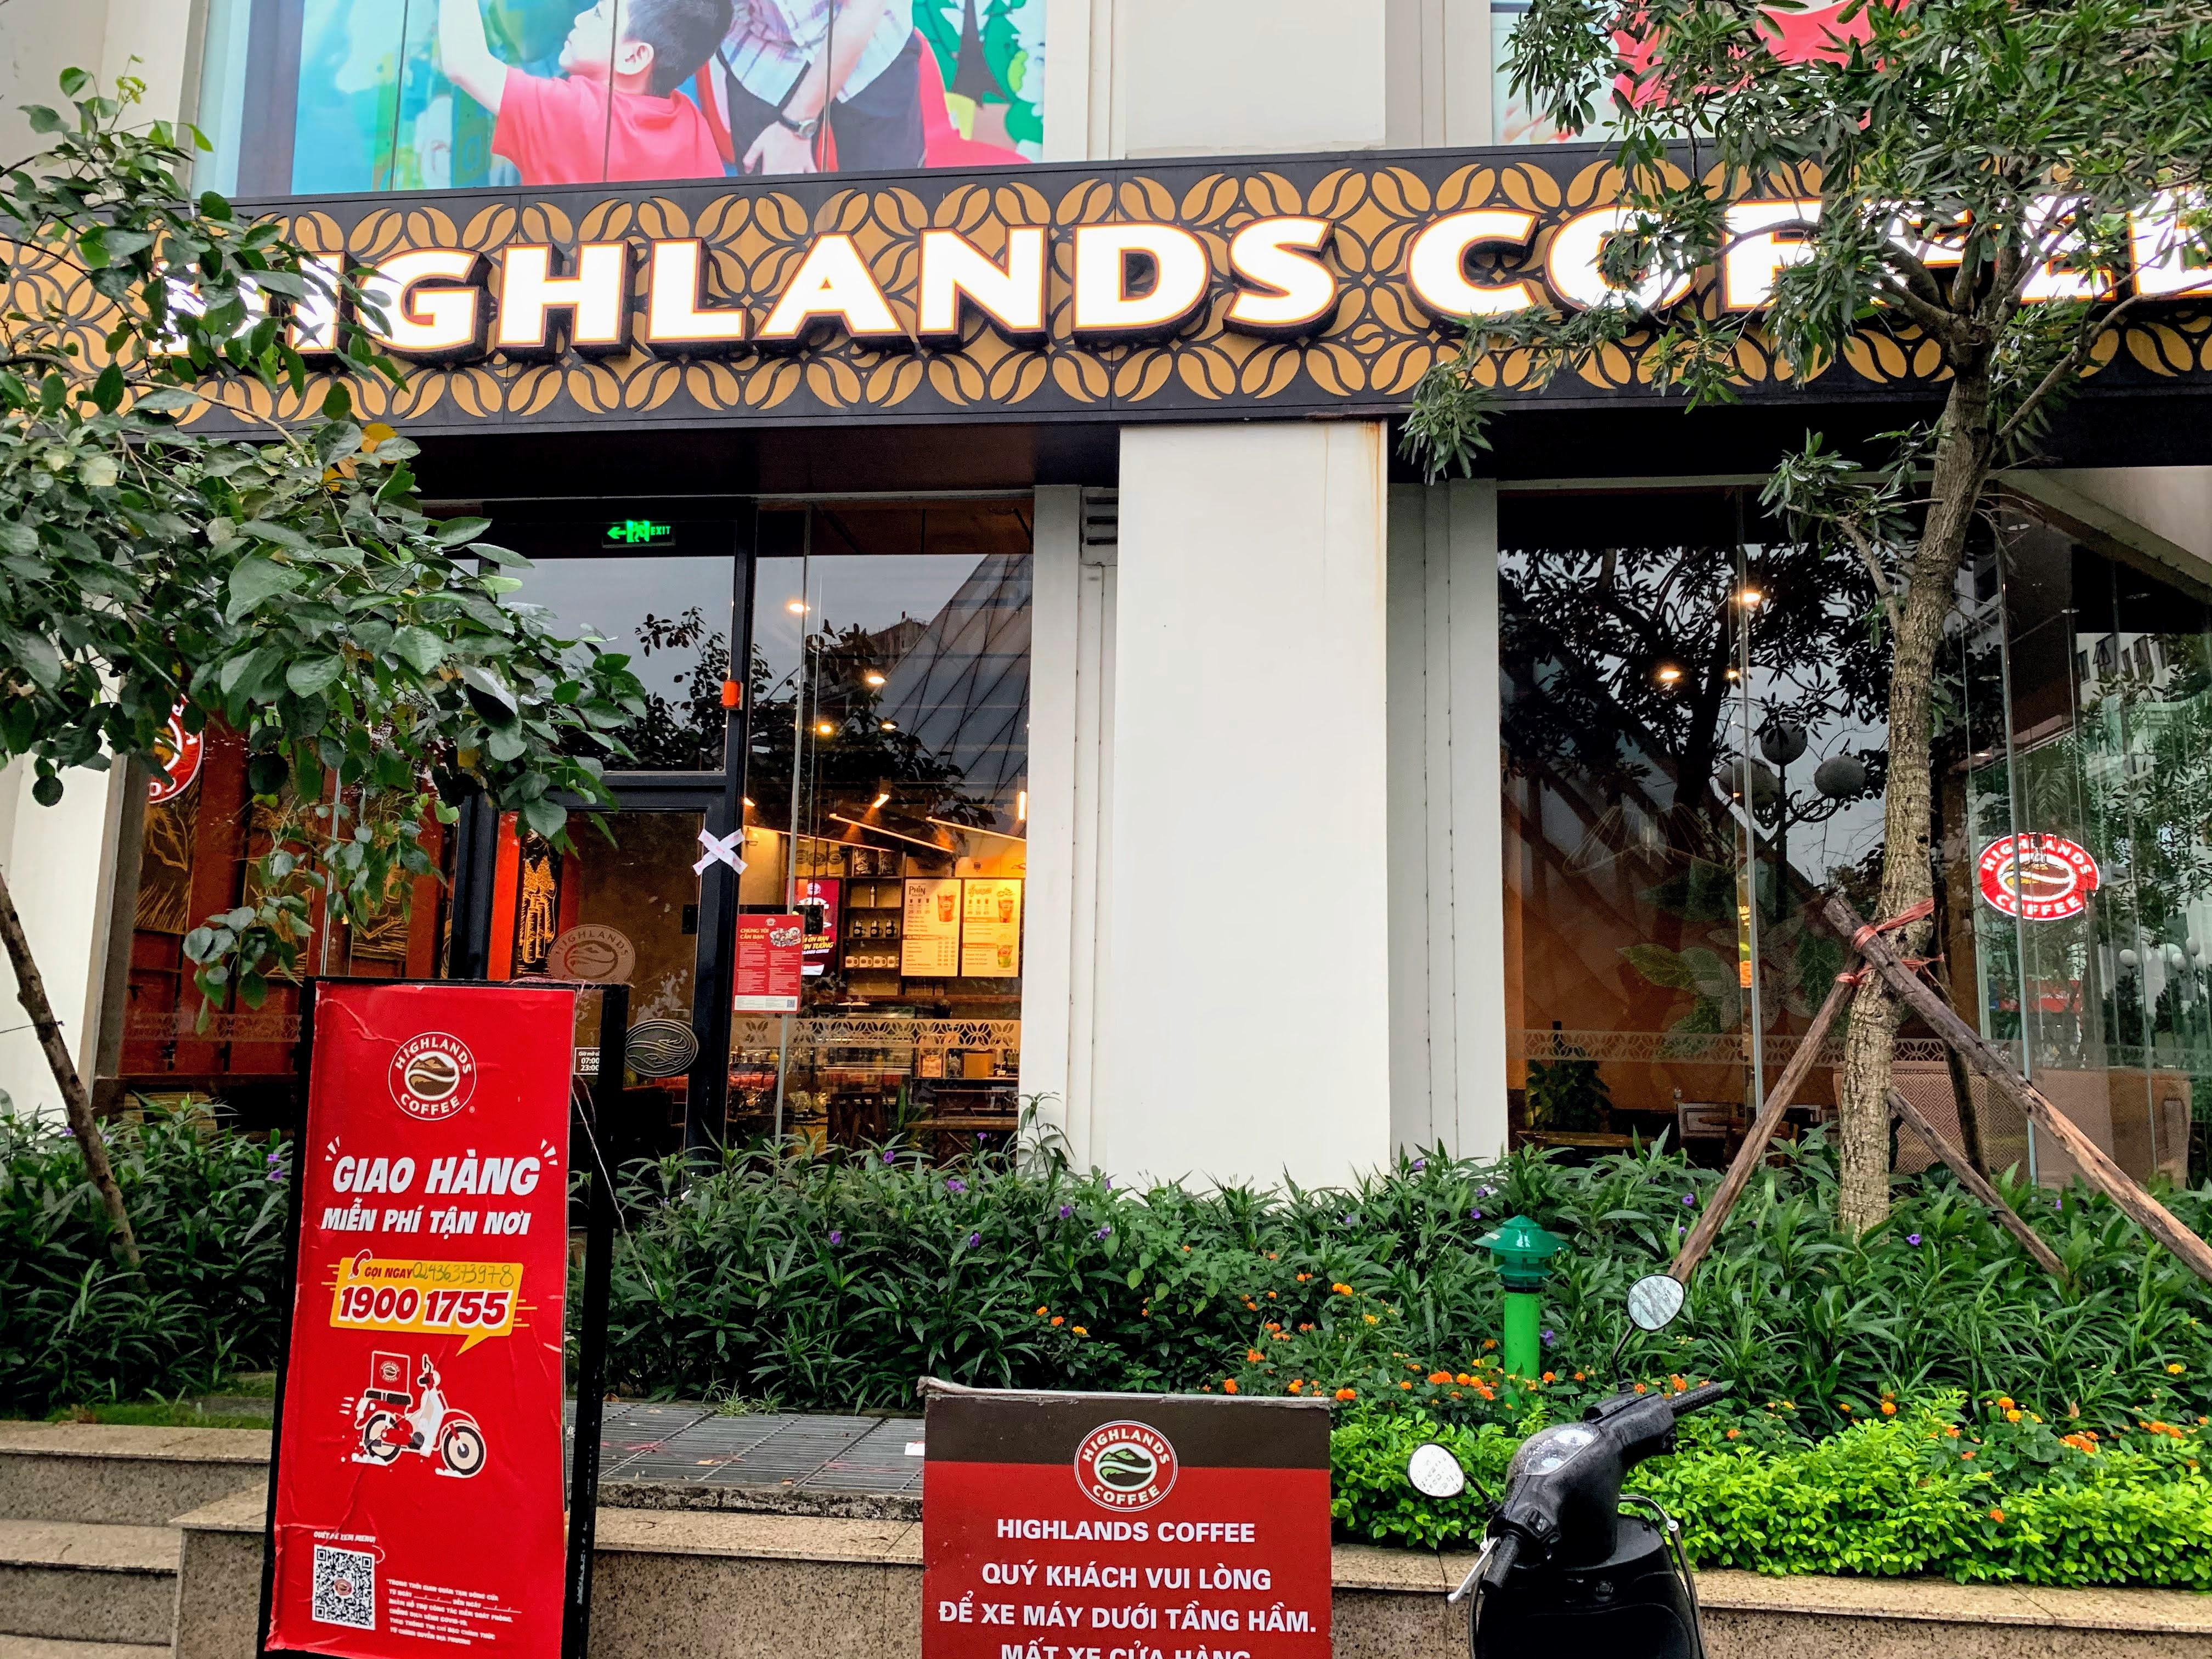 Người Hà Nội đội mưa đi ăn phở, uống cà phê sau cách li: 'Thèm quá, không chịu được' - Ảnh 9.